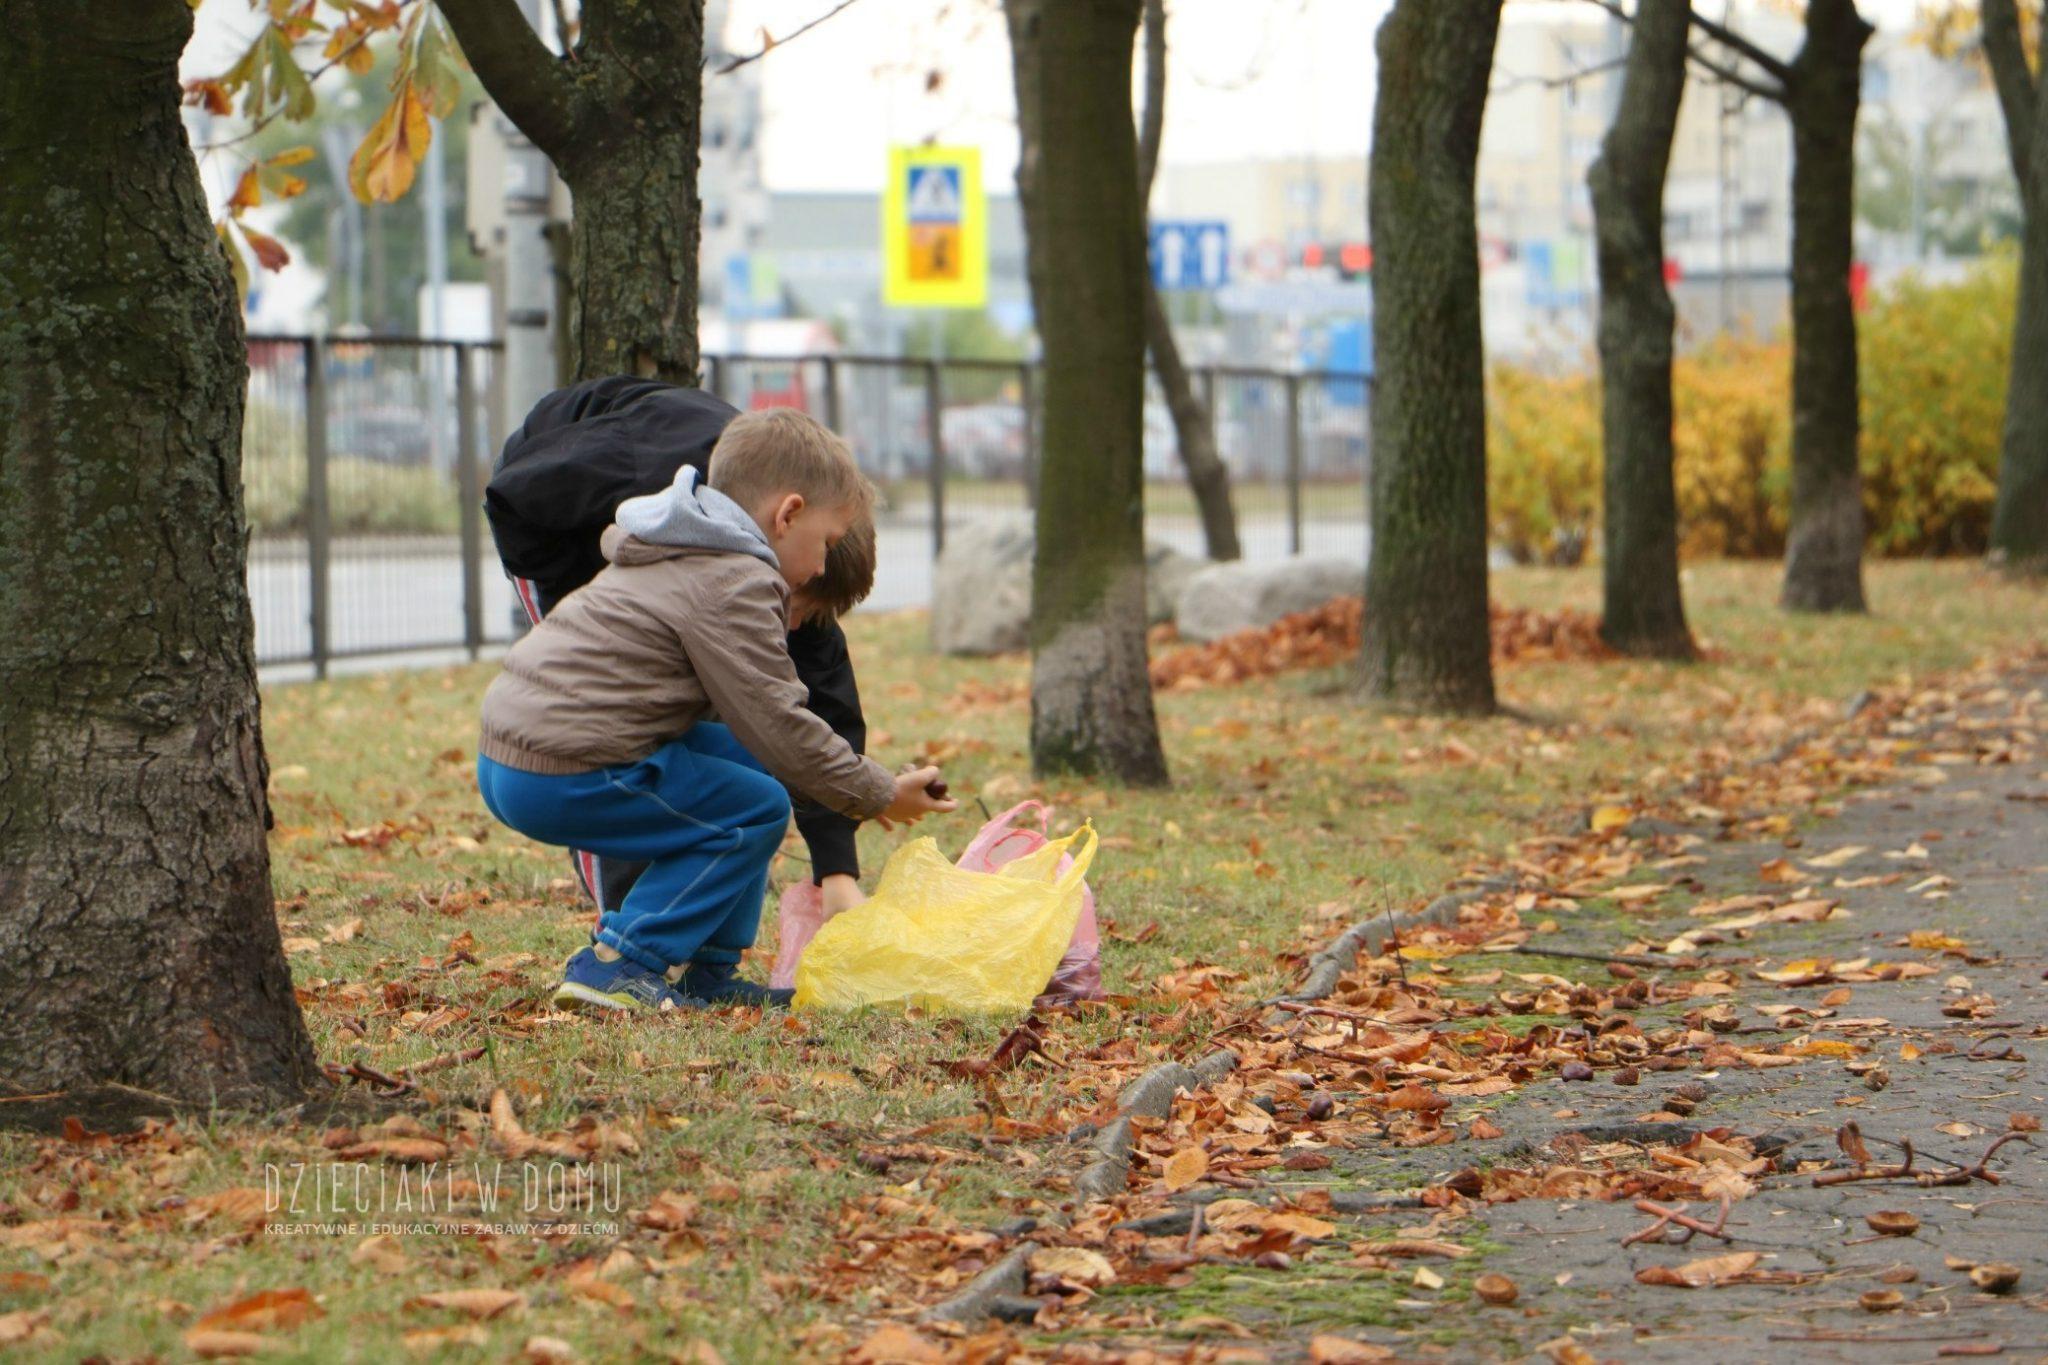 jesienne zabawy dla dzieci - zbieranie kasztanów